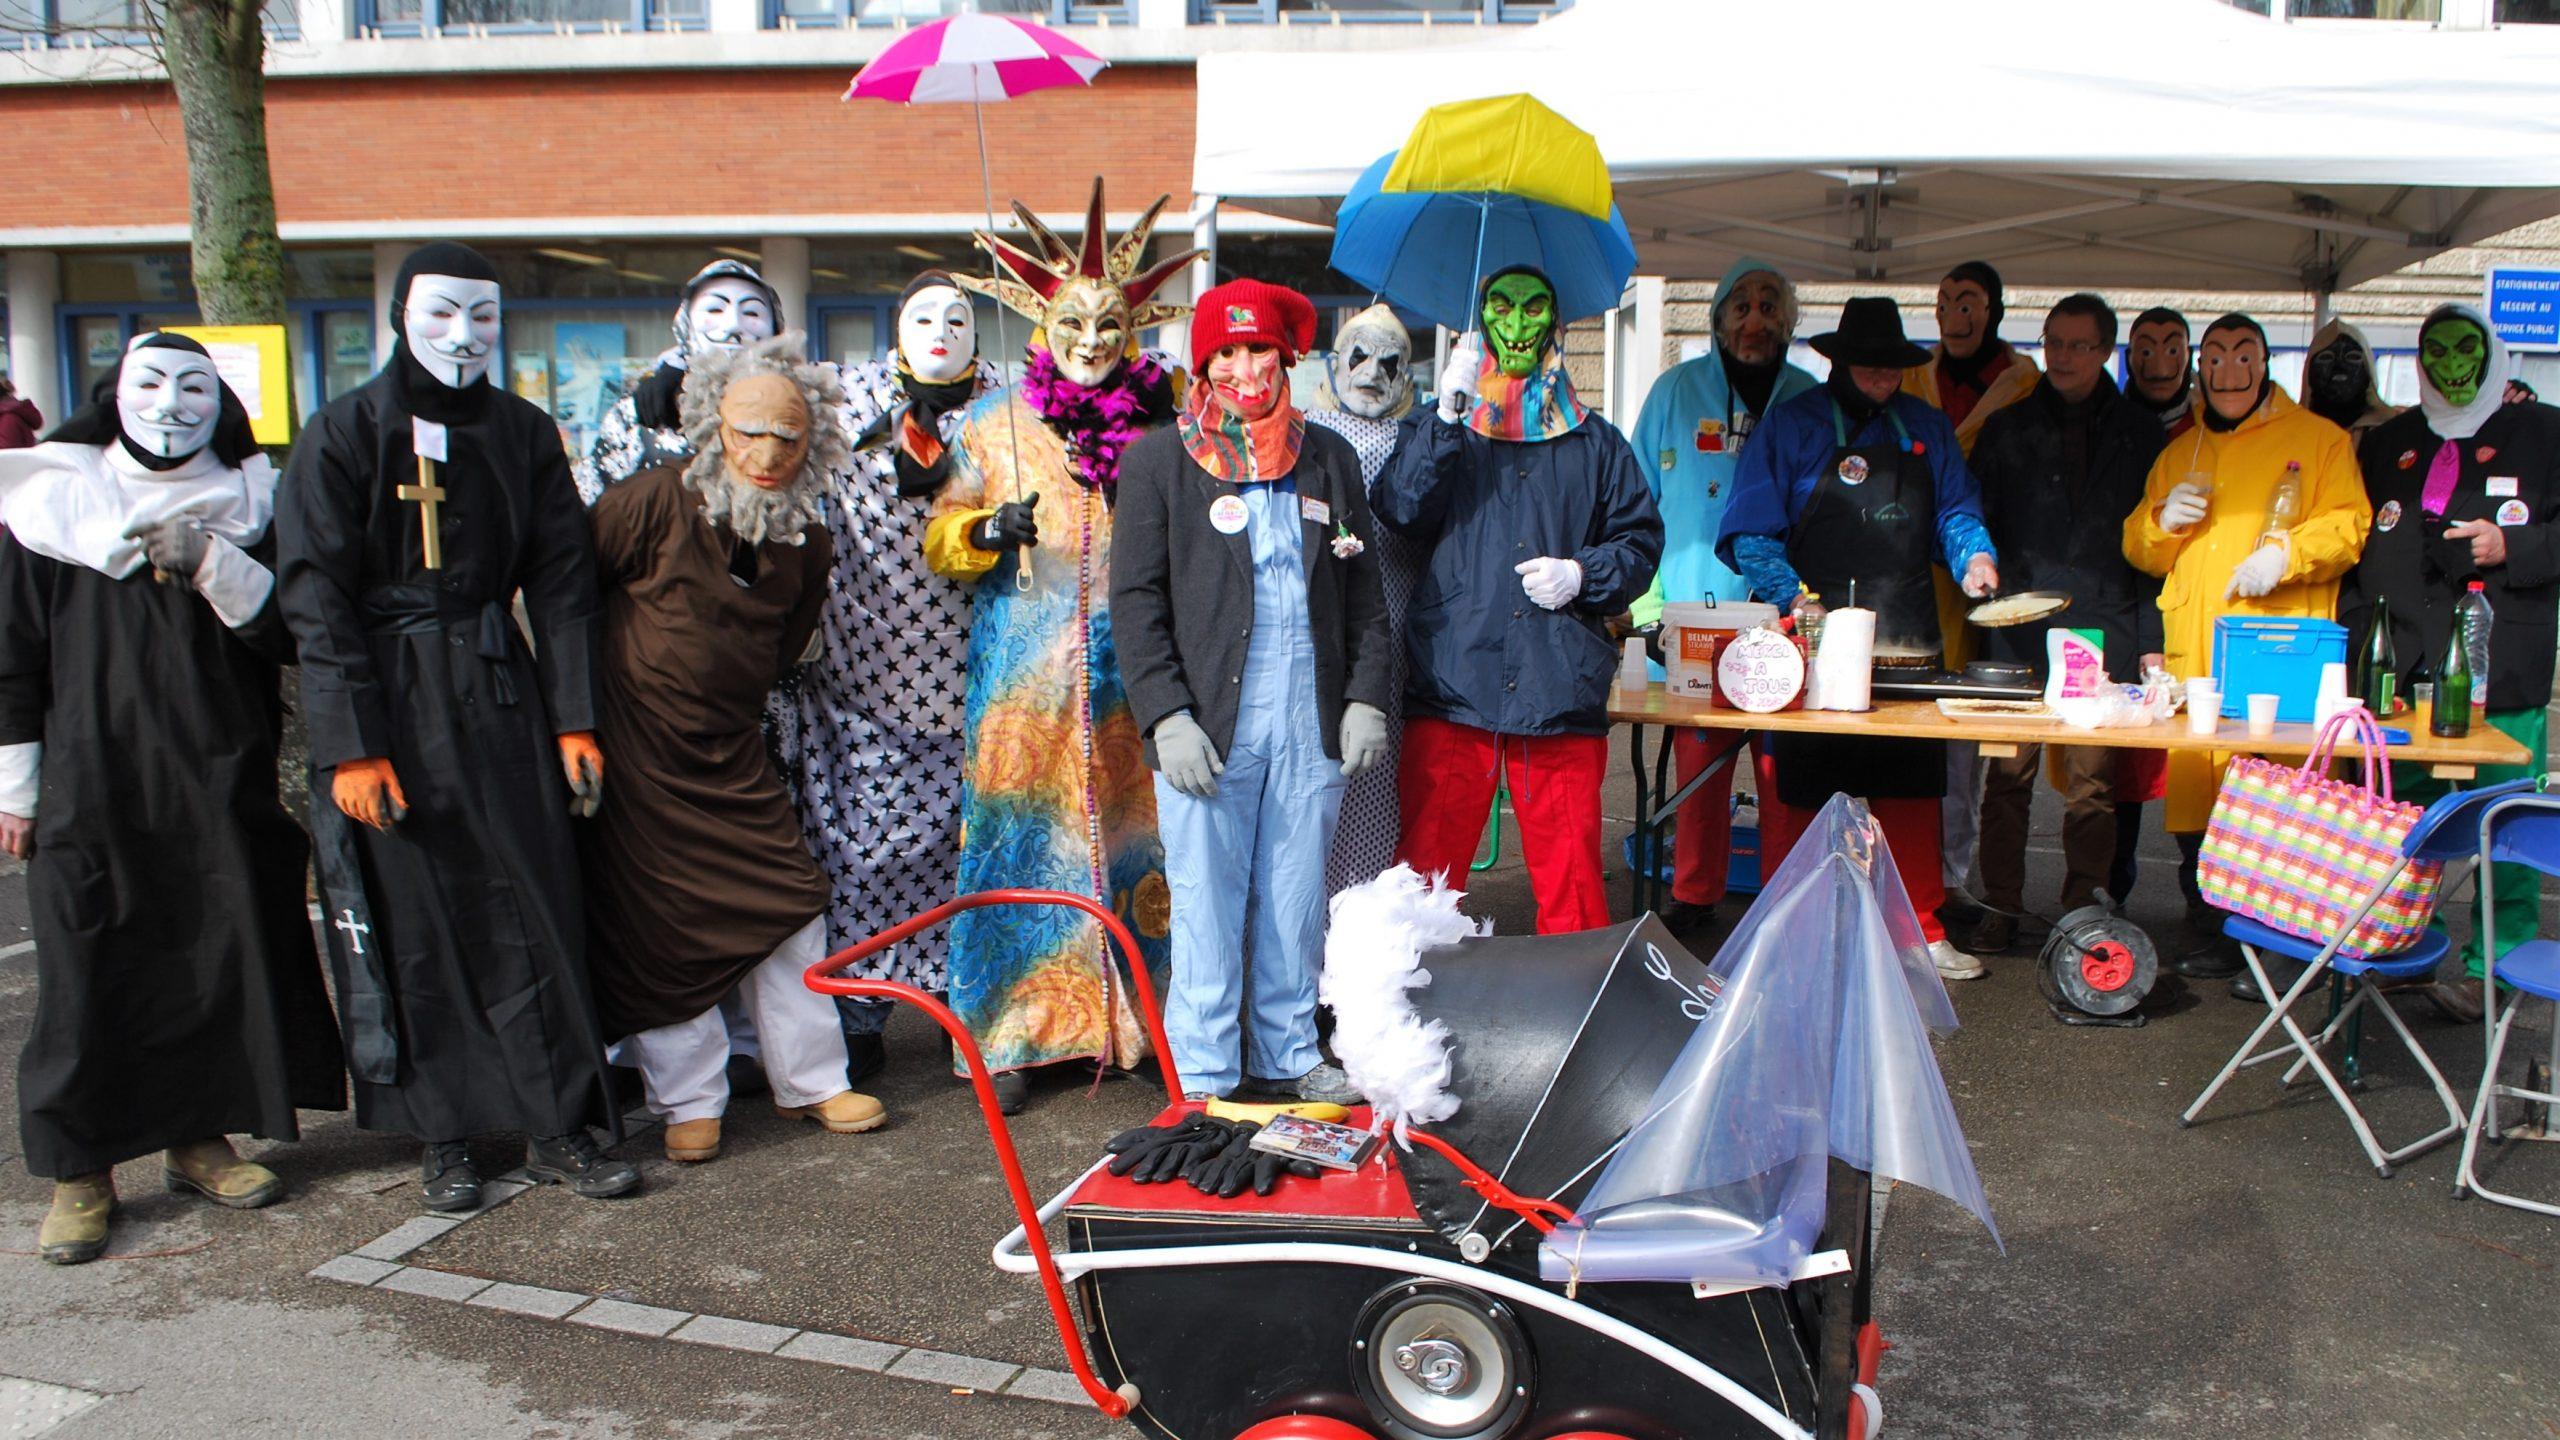 Le carnaval est lancé et les salauds sont prêts pour la grande fête de Mardi gras